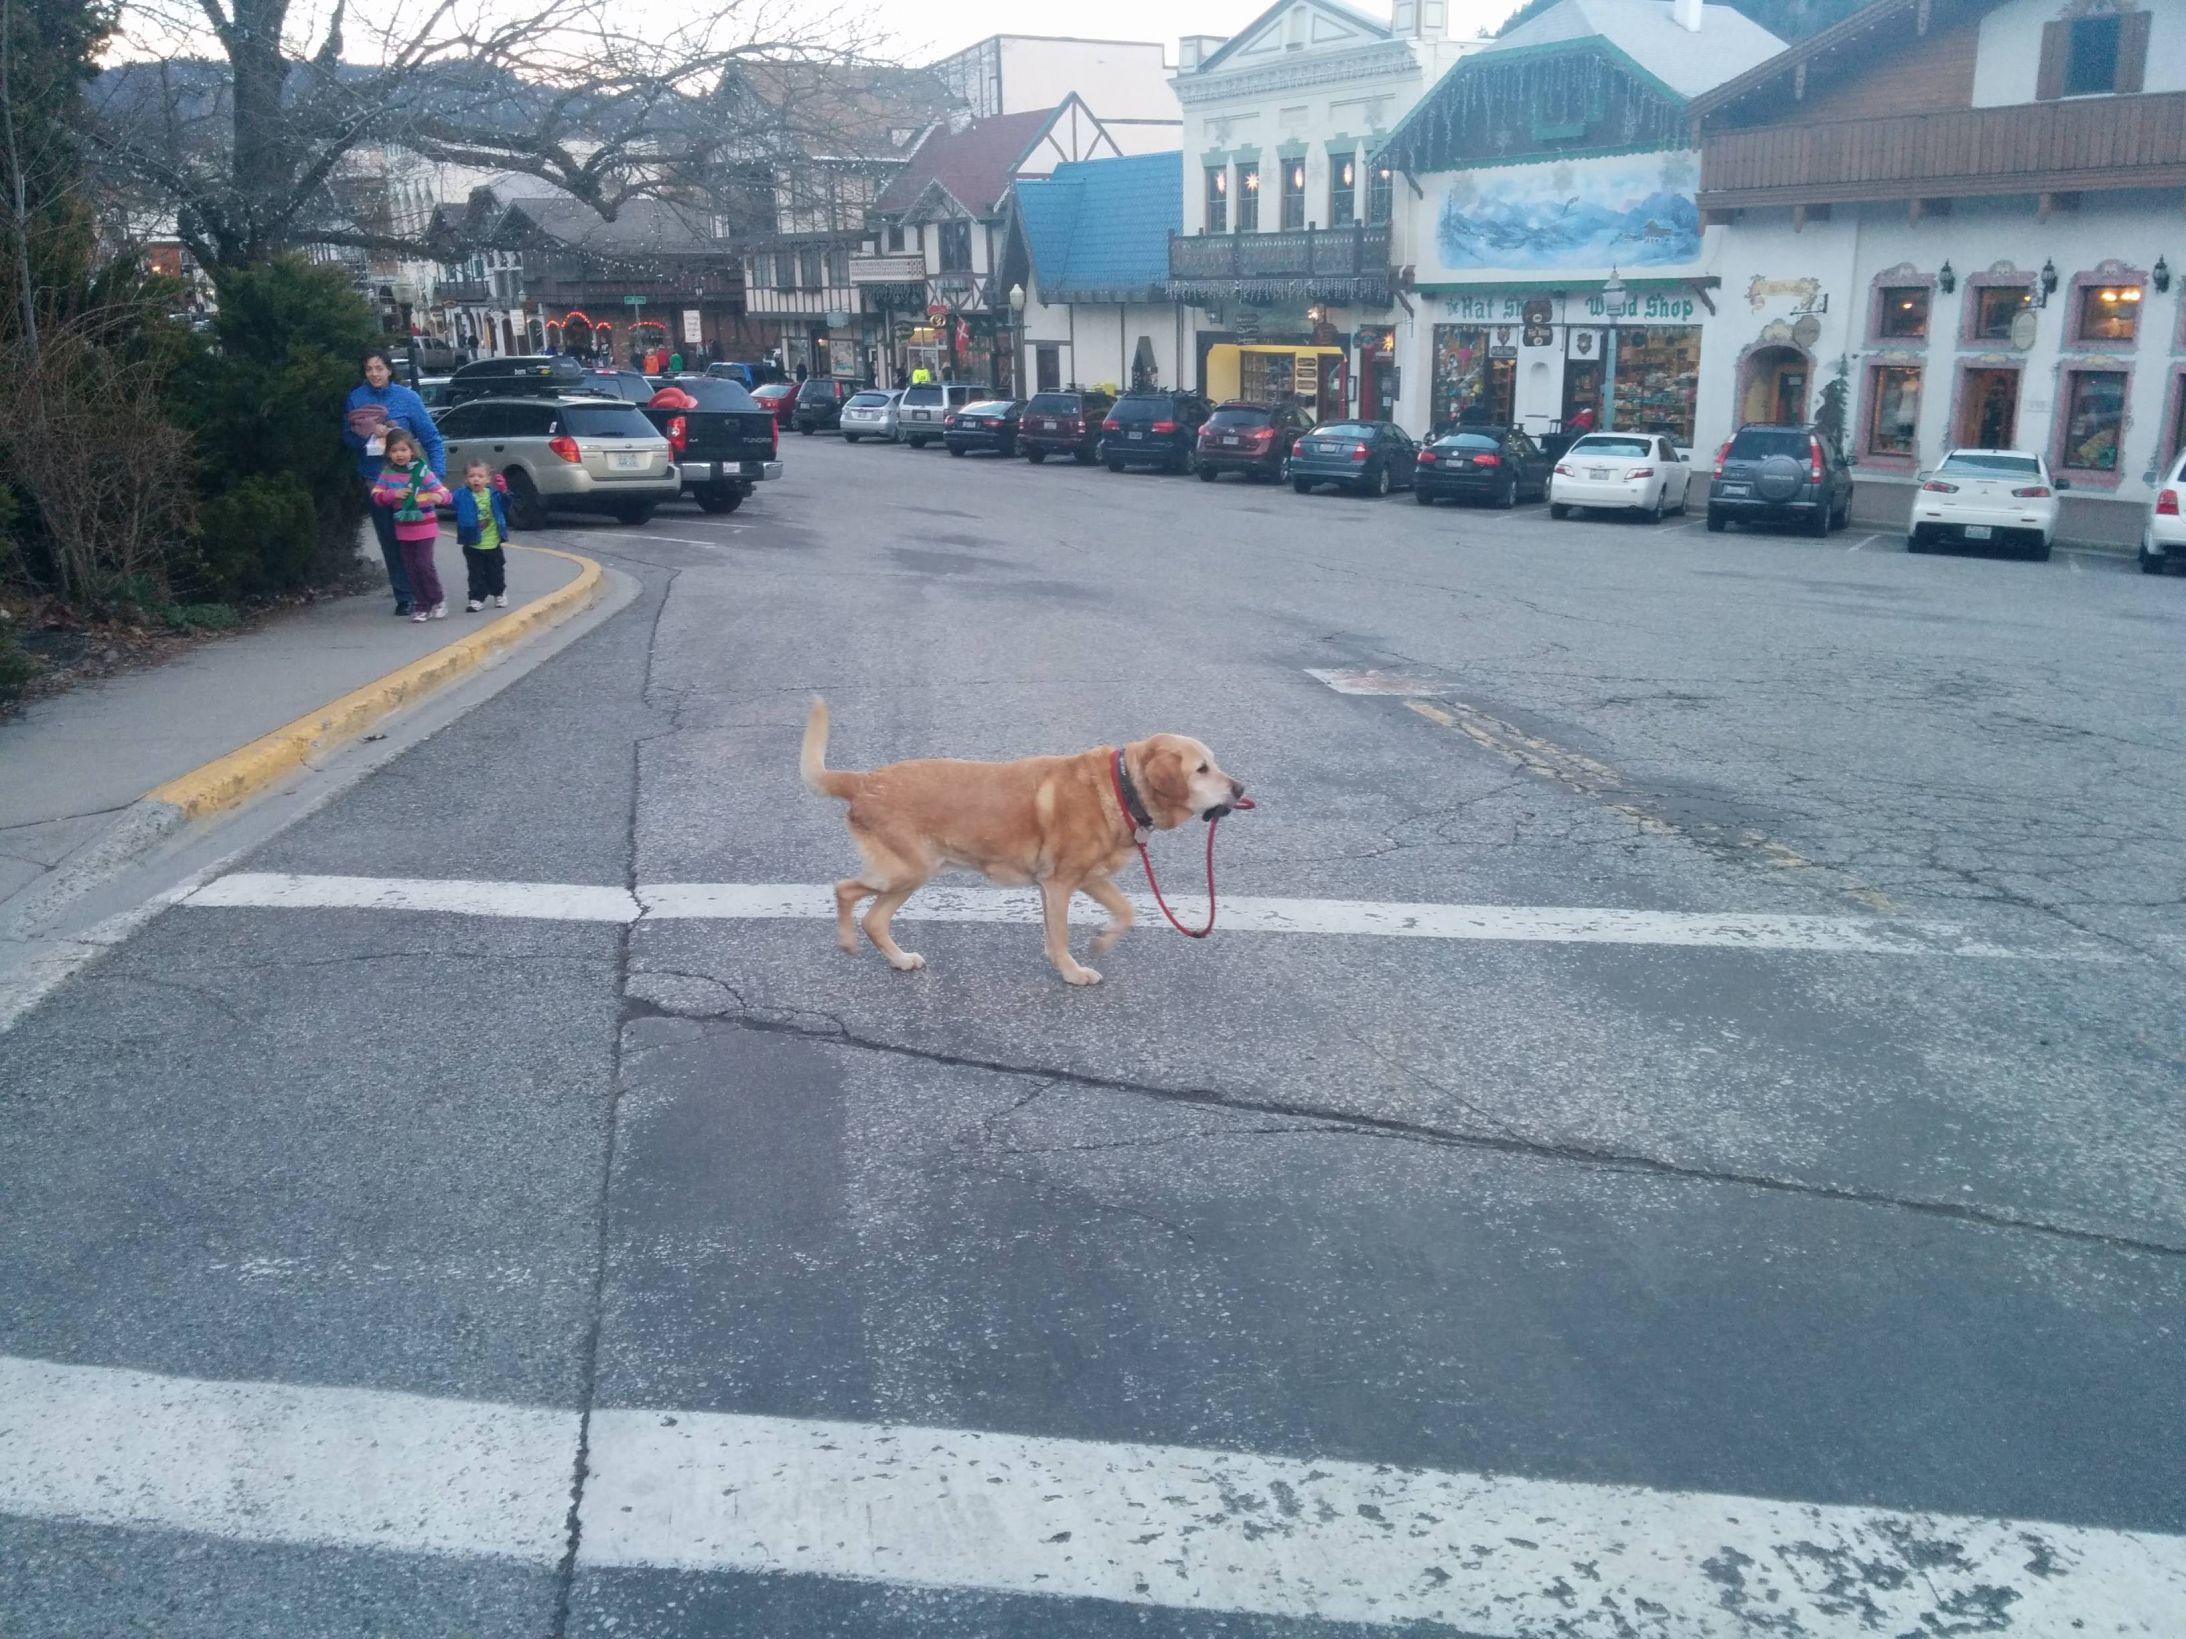 1cbilw dog walking itself blank template imgflip